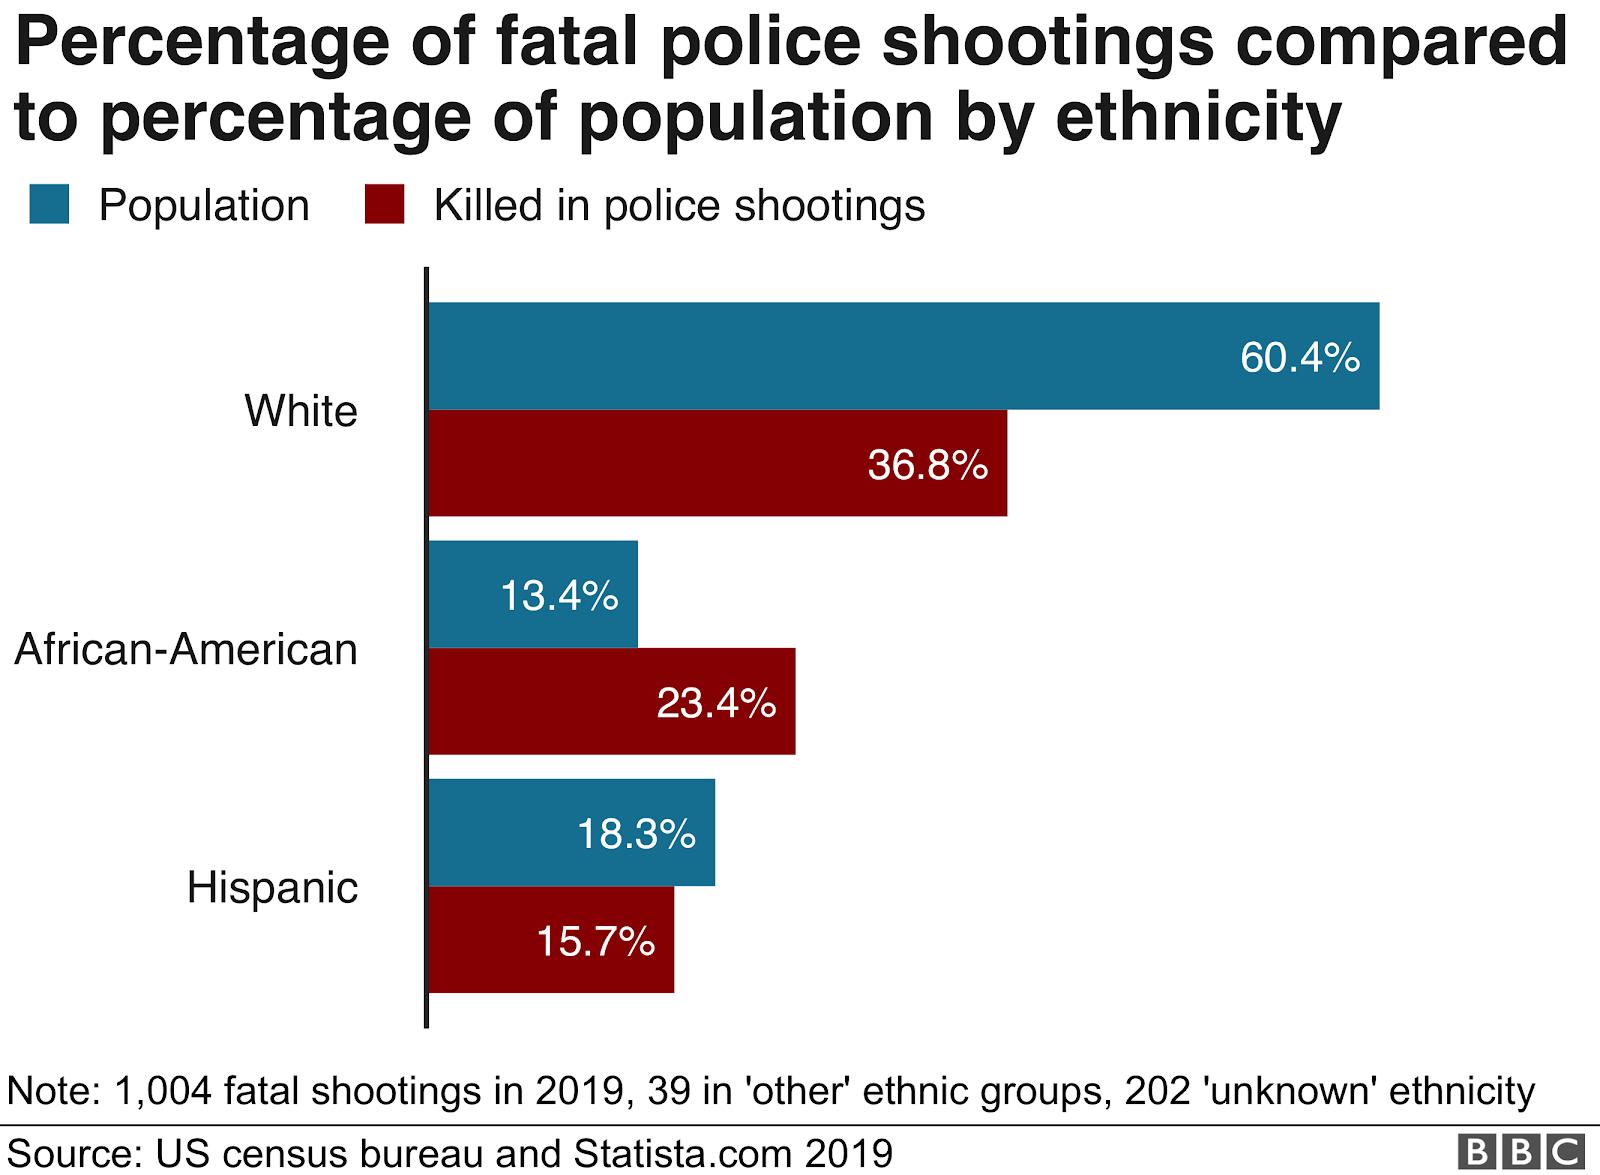 Em azul, a população e, em vermelho, as mortes por tiros de policiais.  O primeiro gráfico demonstra a etnia branca; o segundo a etnia afro-americana; o terceiro a etnia hispânica.